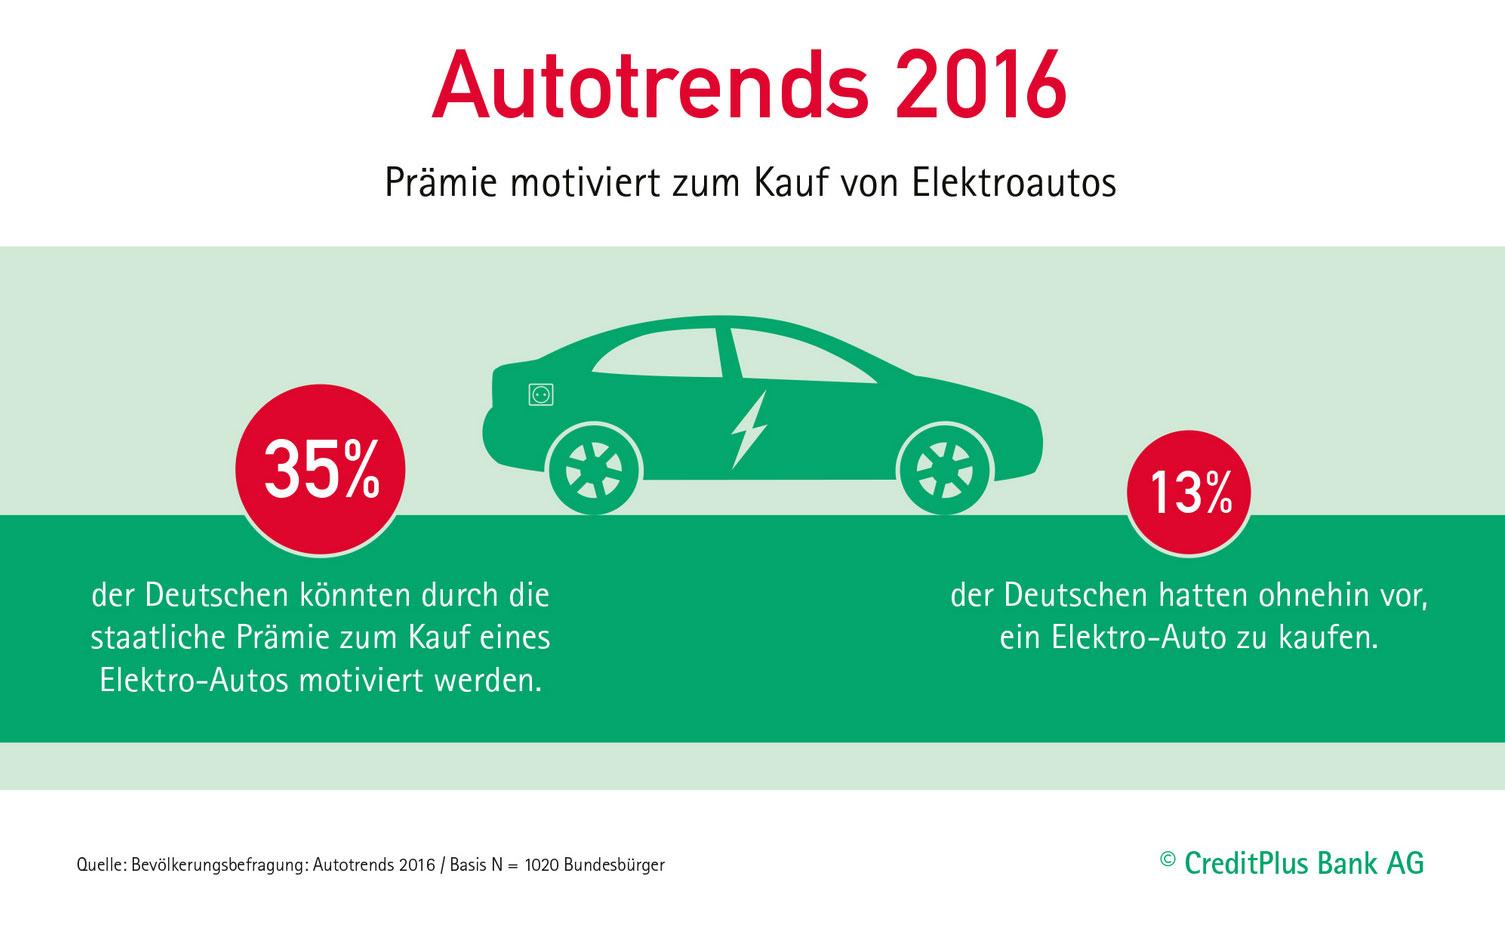 Infografik: Autotrends 2016 der CreditPlus Bank AG